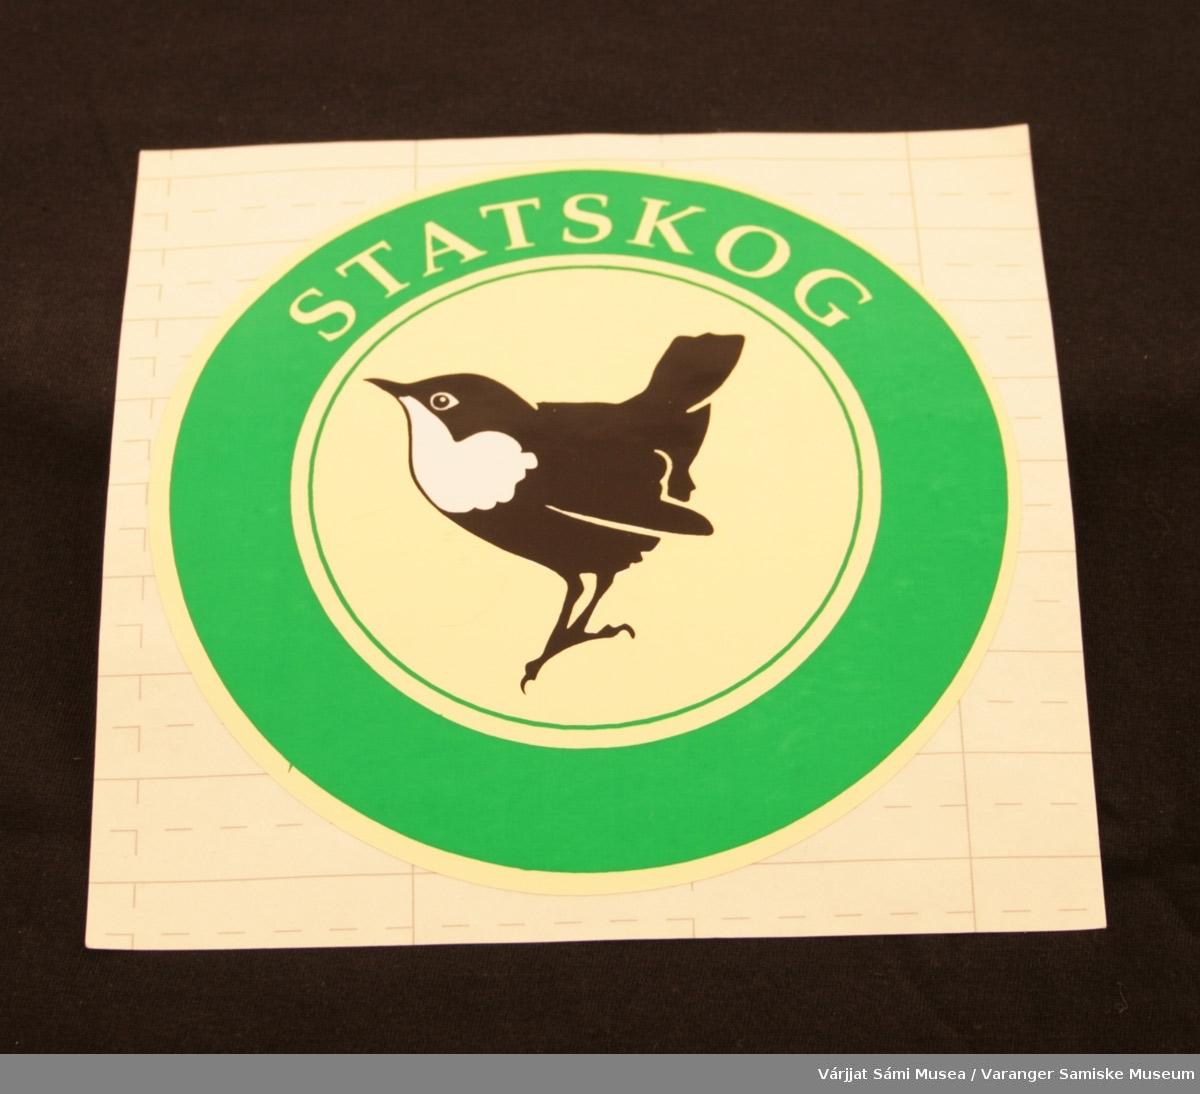 """To runde klistremerker med Statskog logo: Fossekall i midten på lysegul bakgrunn, omgitt av en grønn sirkel med påskriften """"Statskog"""" med lysegule bokstaver."""